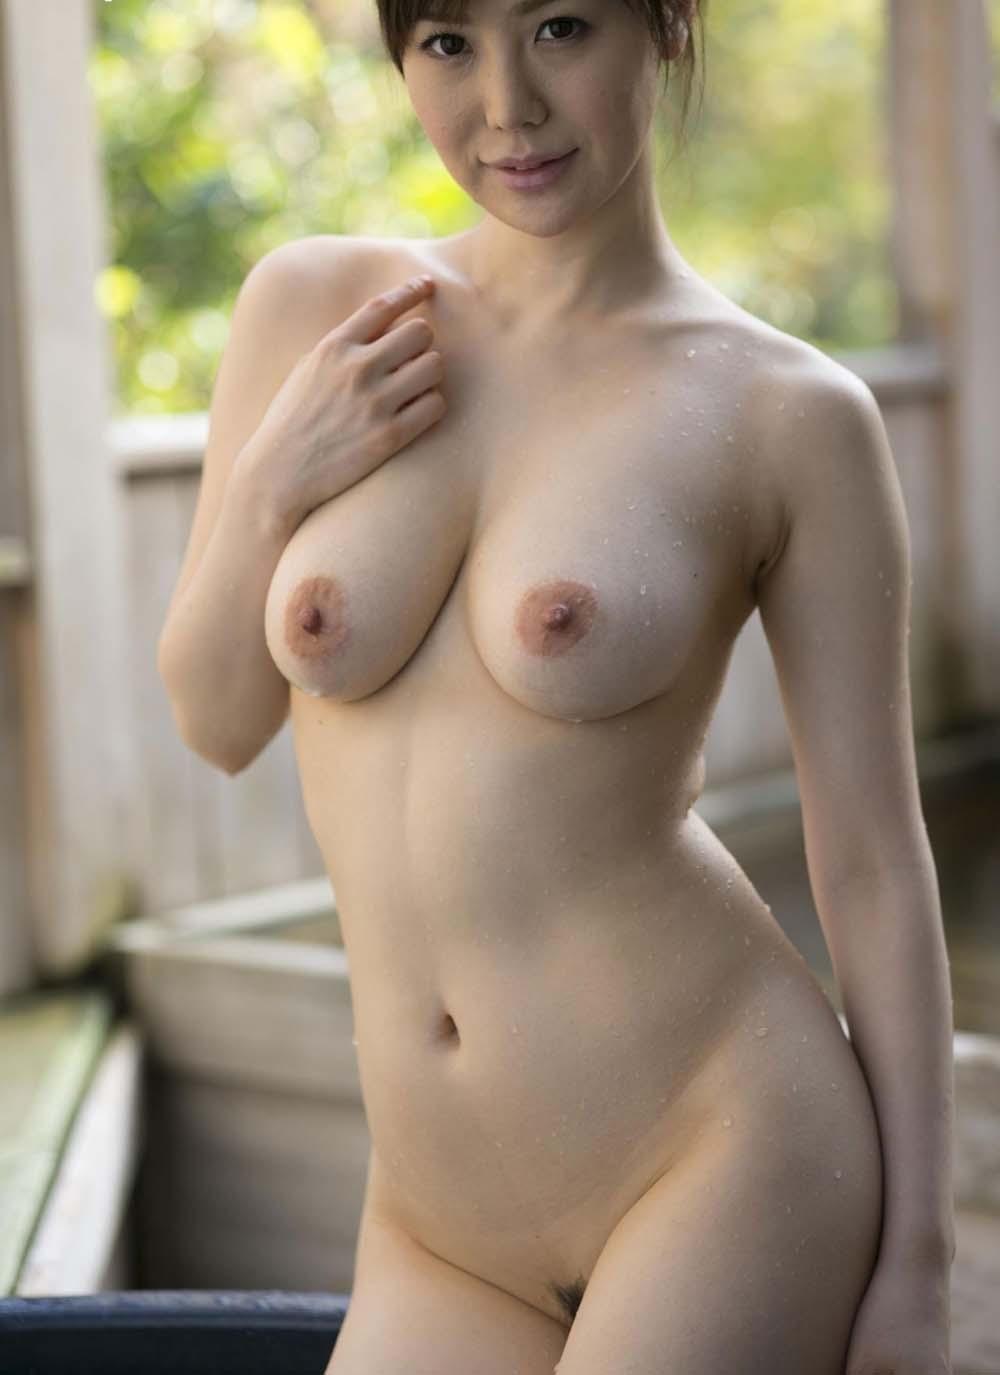 デブ専熟女の剛毛や巨乳な人妻や不倫エロ画像13枚目